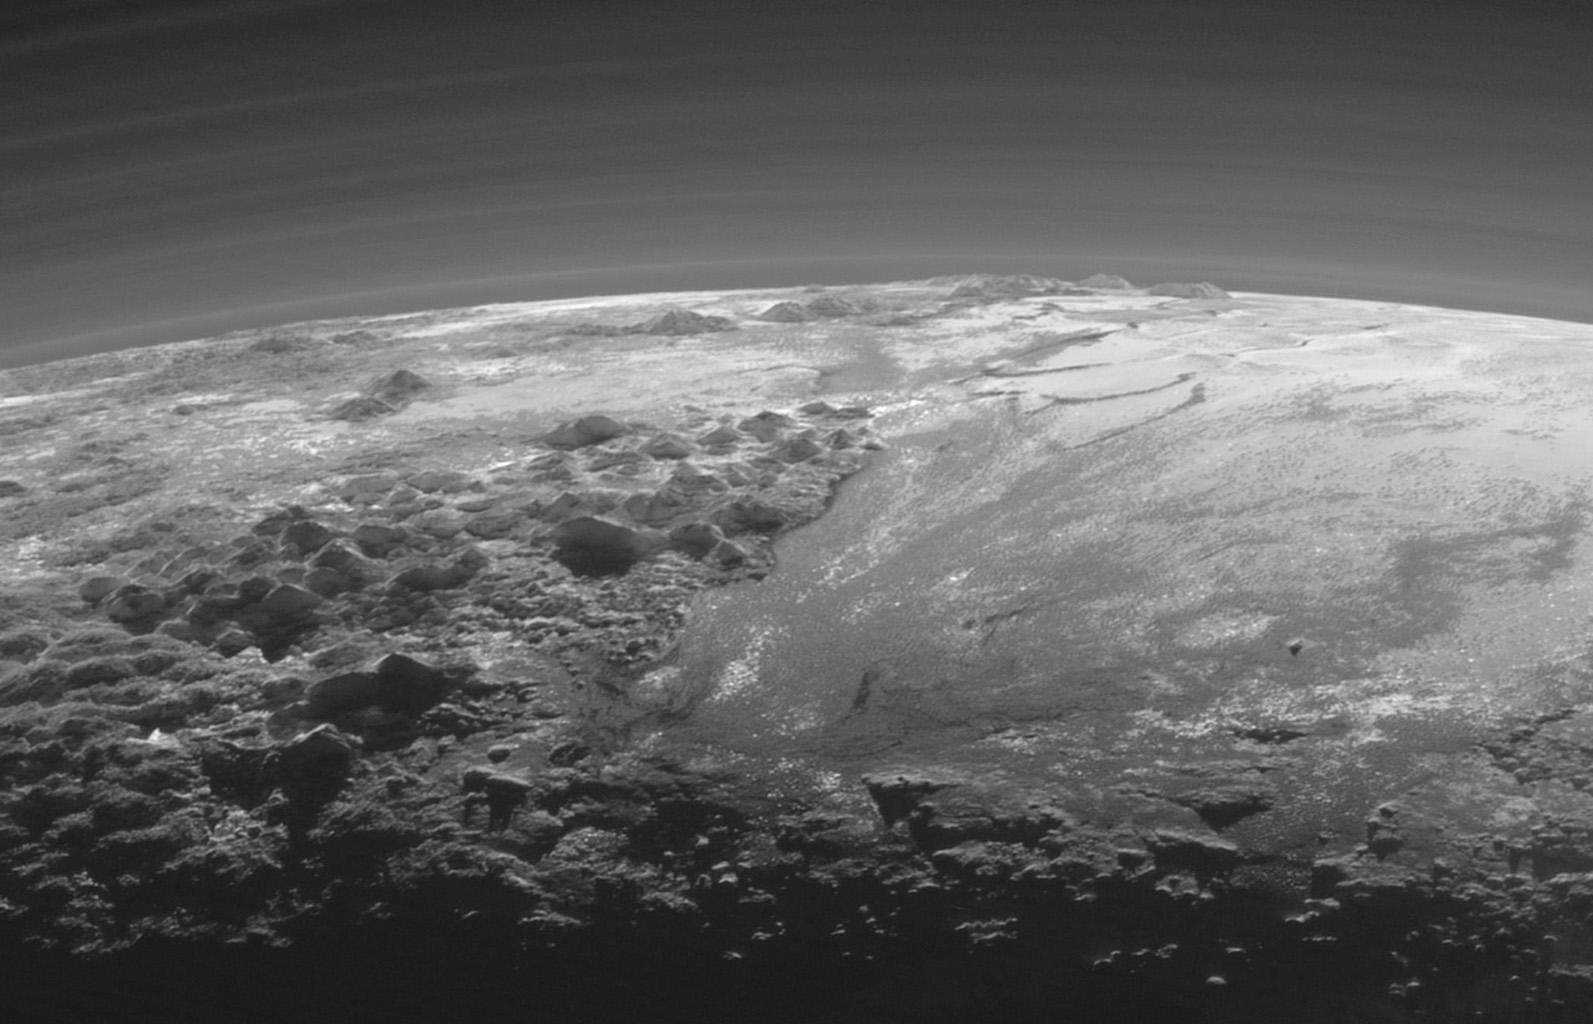 [Sujet unique] 2014 : New Horizons - Pluton vue par la sonde - Page 3 PIA19947_hires